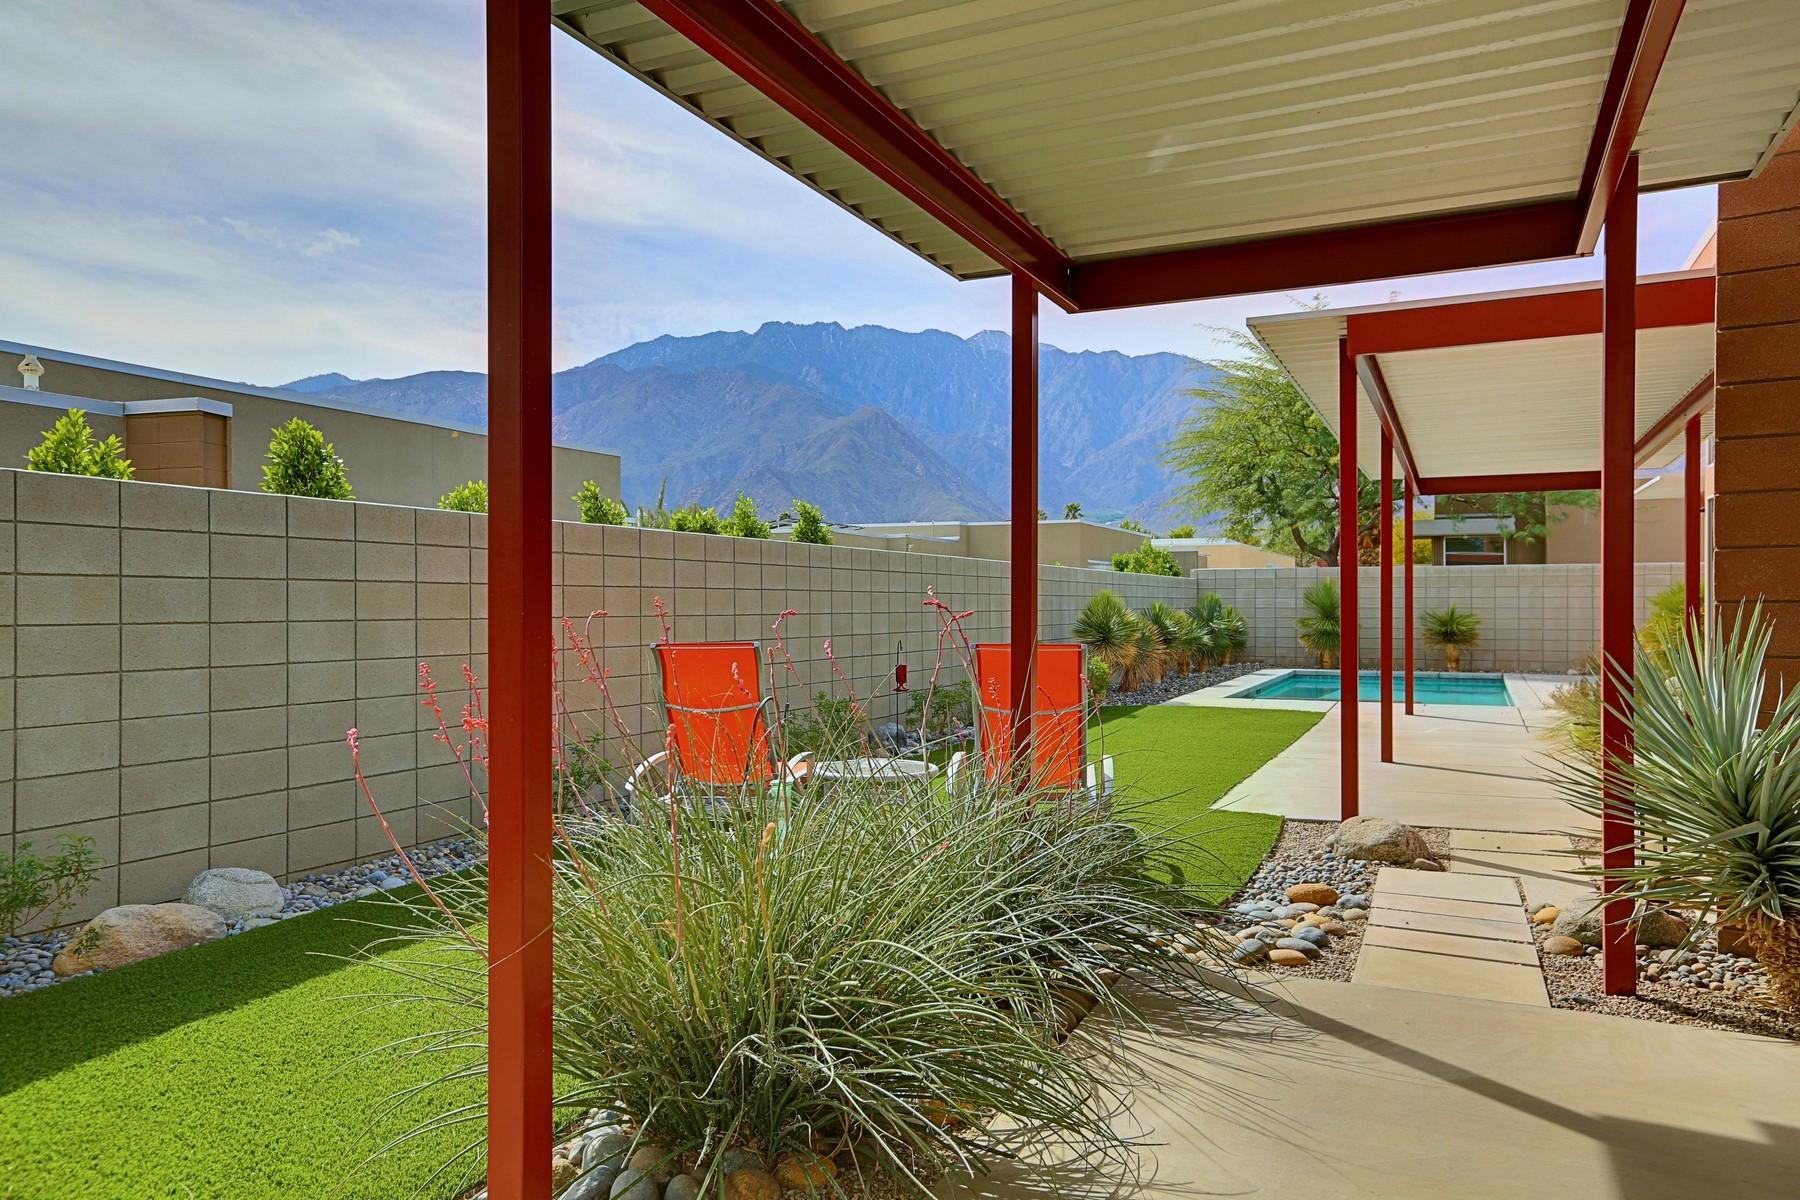 Частный односемейный дом для того Продажа на 1129 Azure Court Palm Springs, Калифорния, 92262 Соединенные Штаты